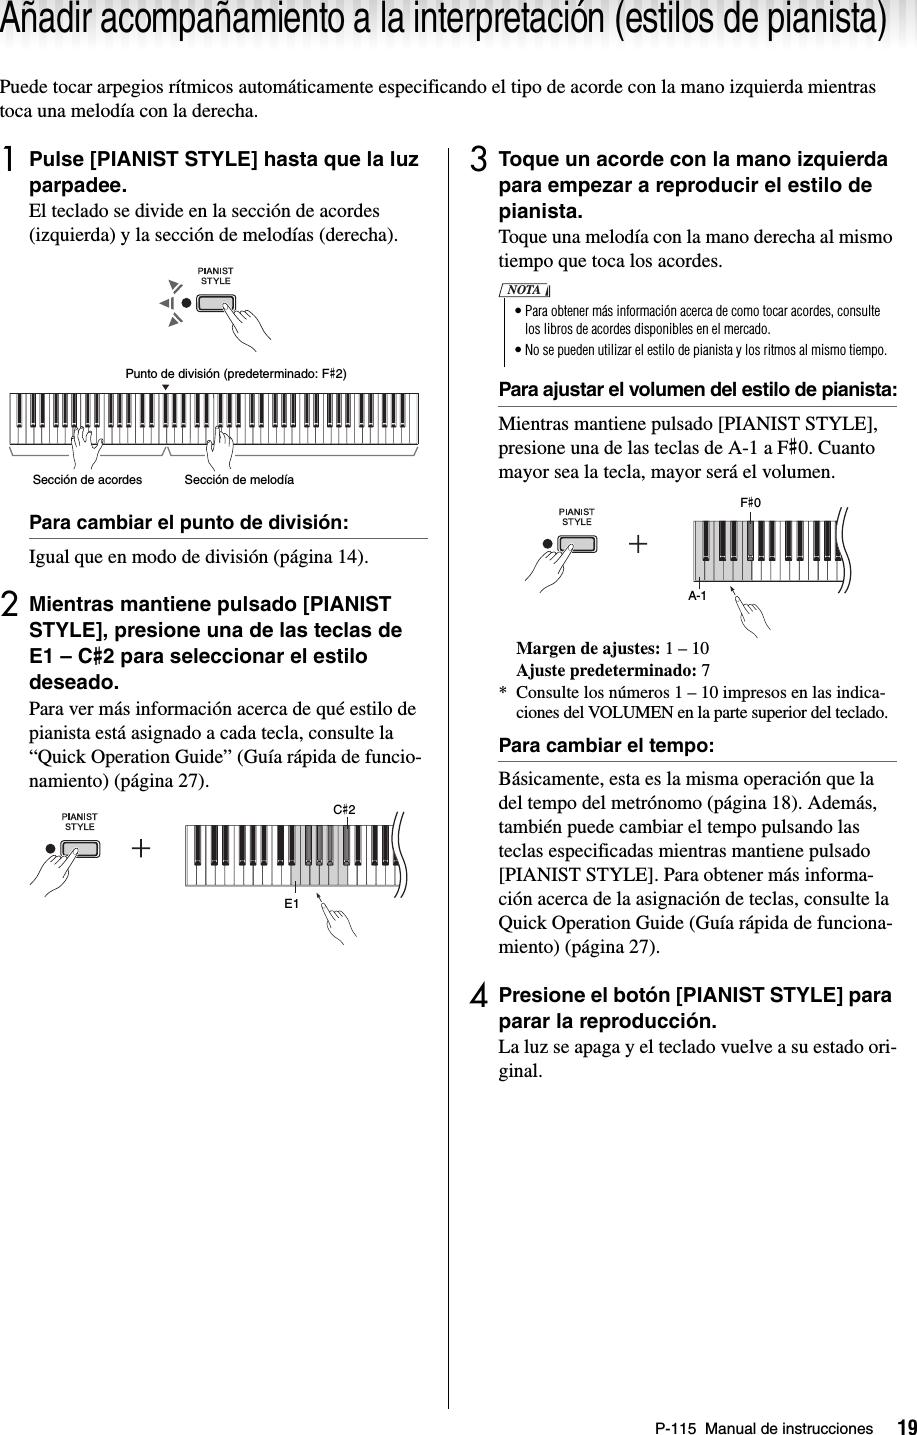 Yamaha P 115 Owner's Manual P115 Es Om B0